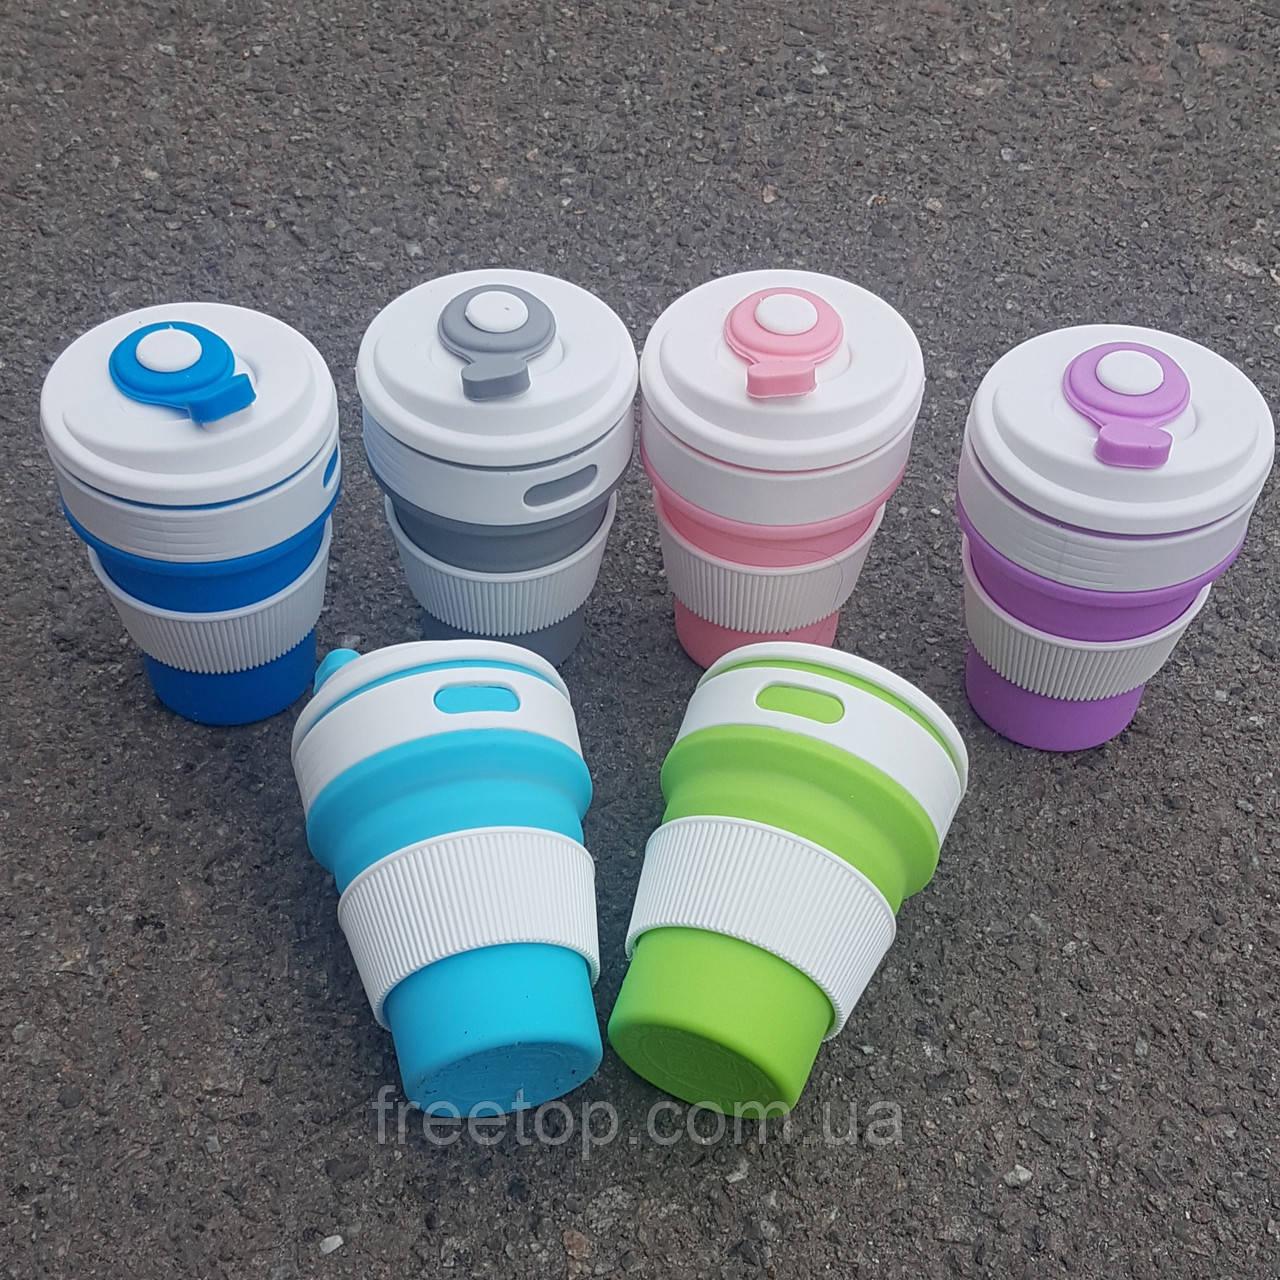 Складаний силіконовий склянку Eco cup 350 мл (чашка, кружка Еко кап)